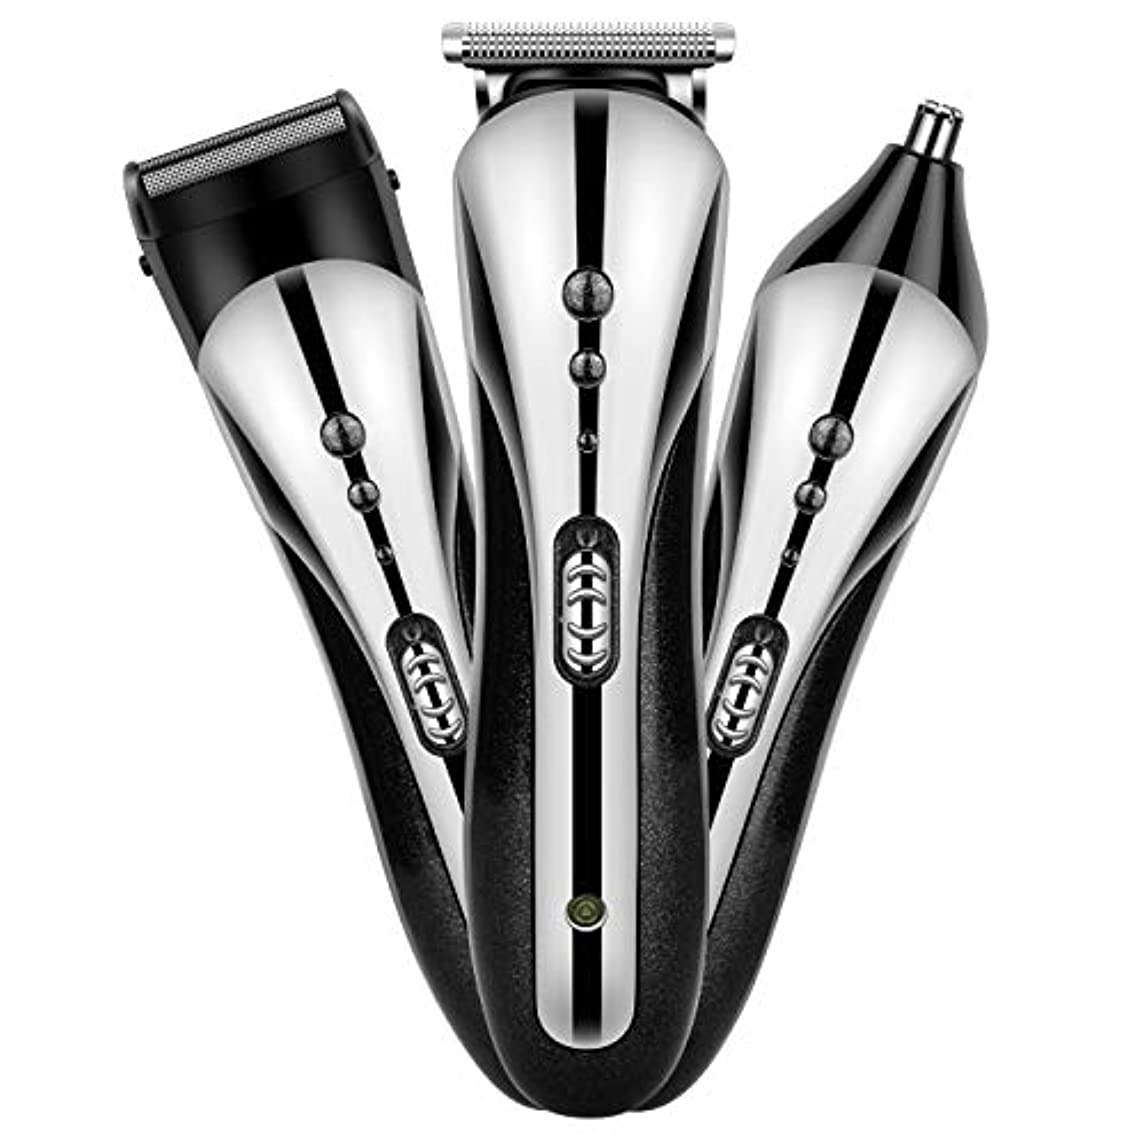 徐々にアジャコードOne-stage電動バリカン 鼻 耳 毛 カッター ヒゲトリマー カミソリ セット 充電式 家庭 こども 用 バージョンアップ型